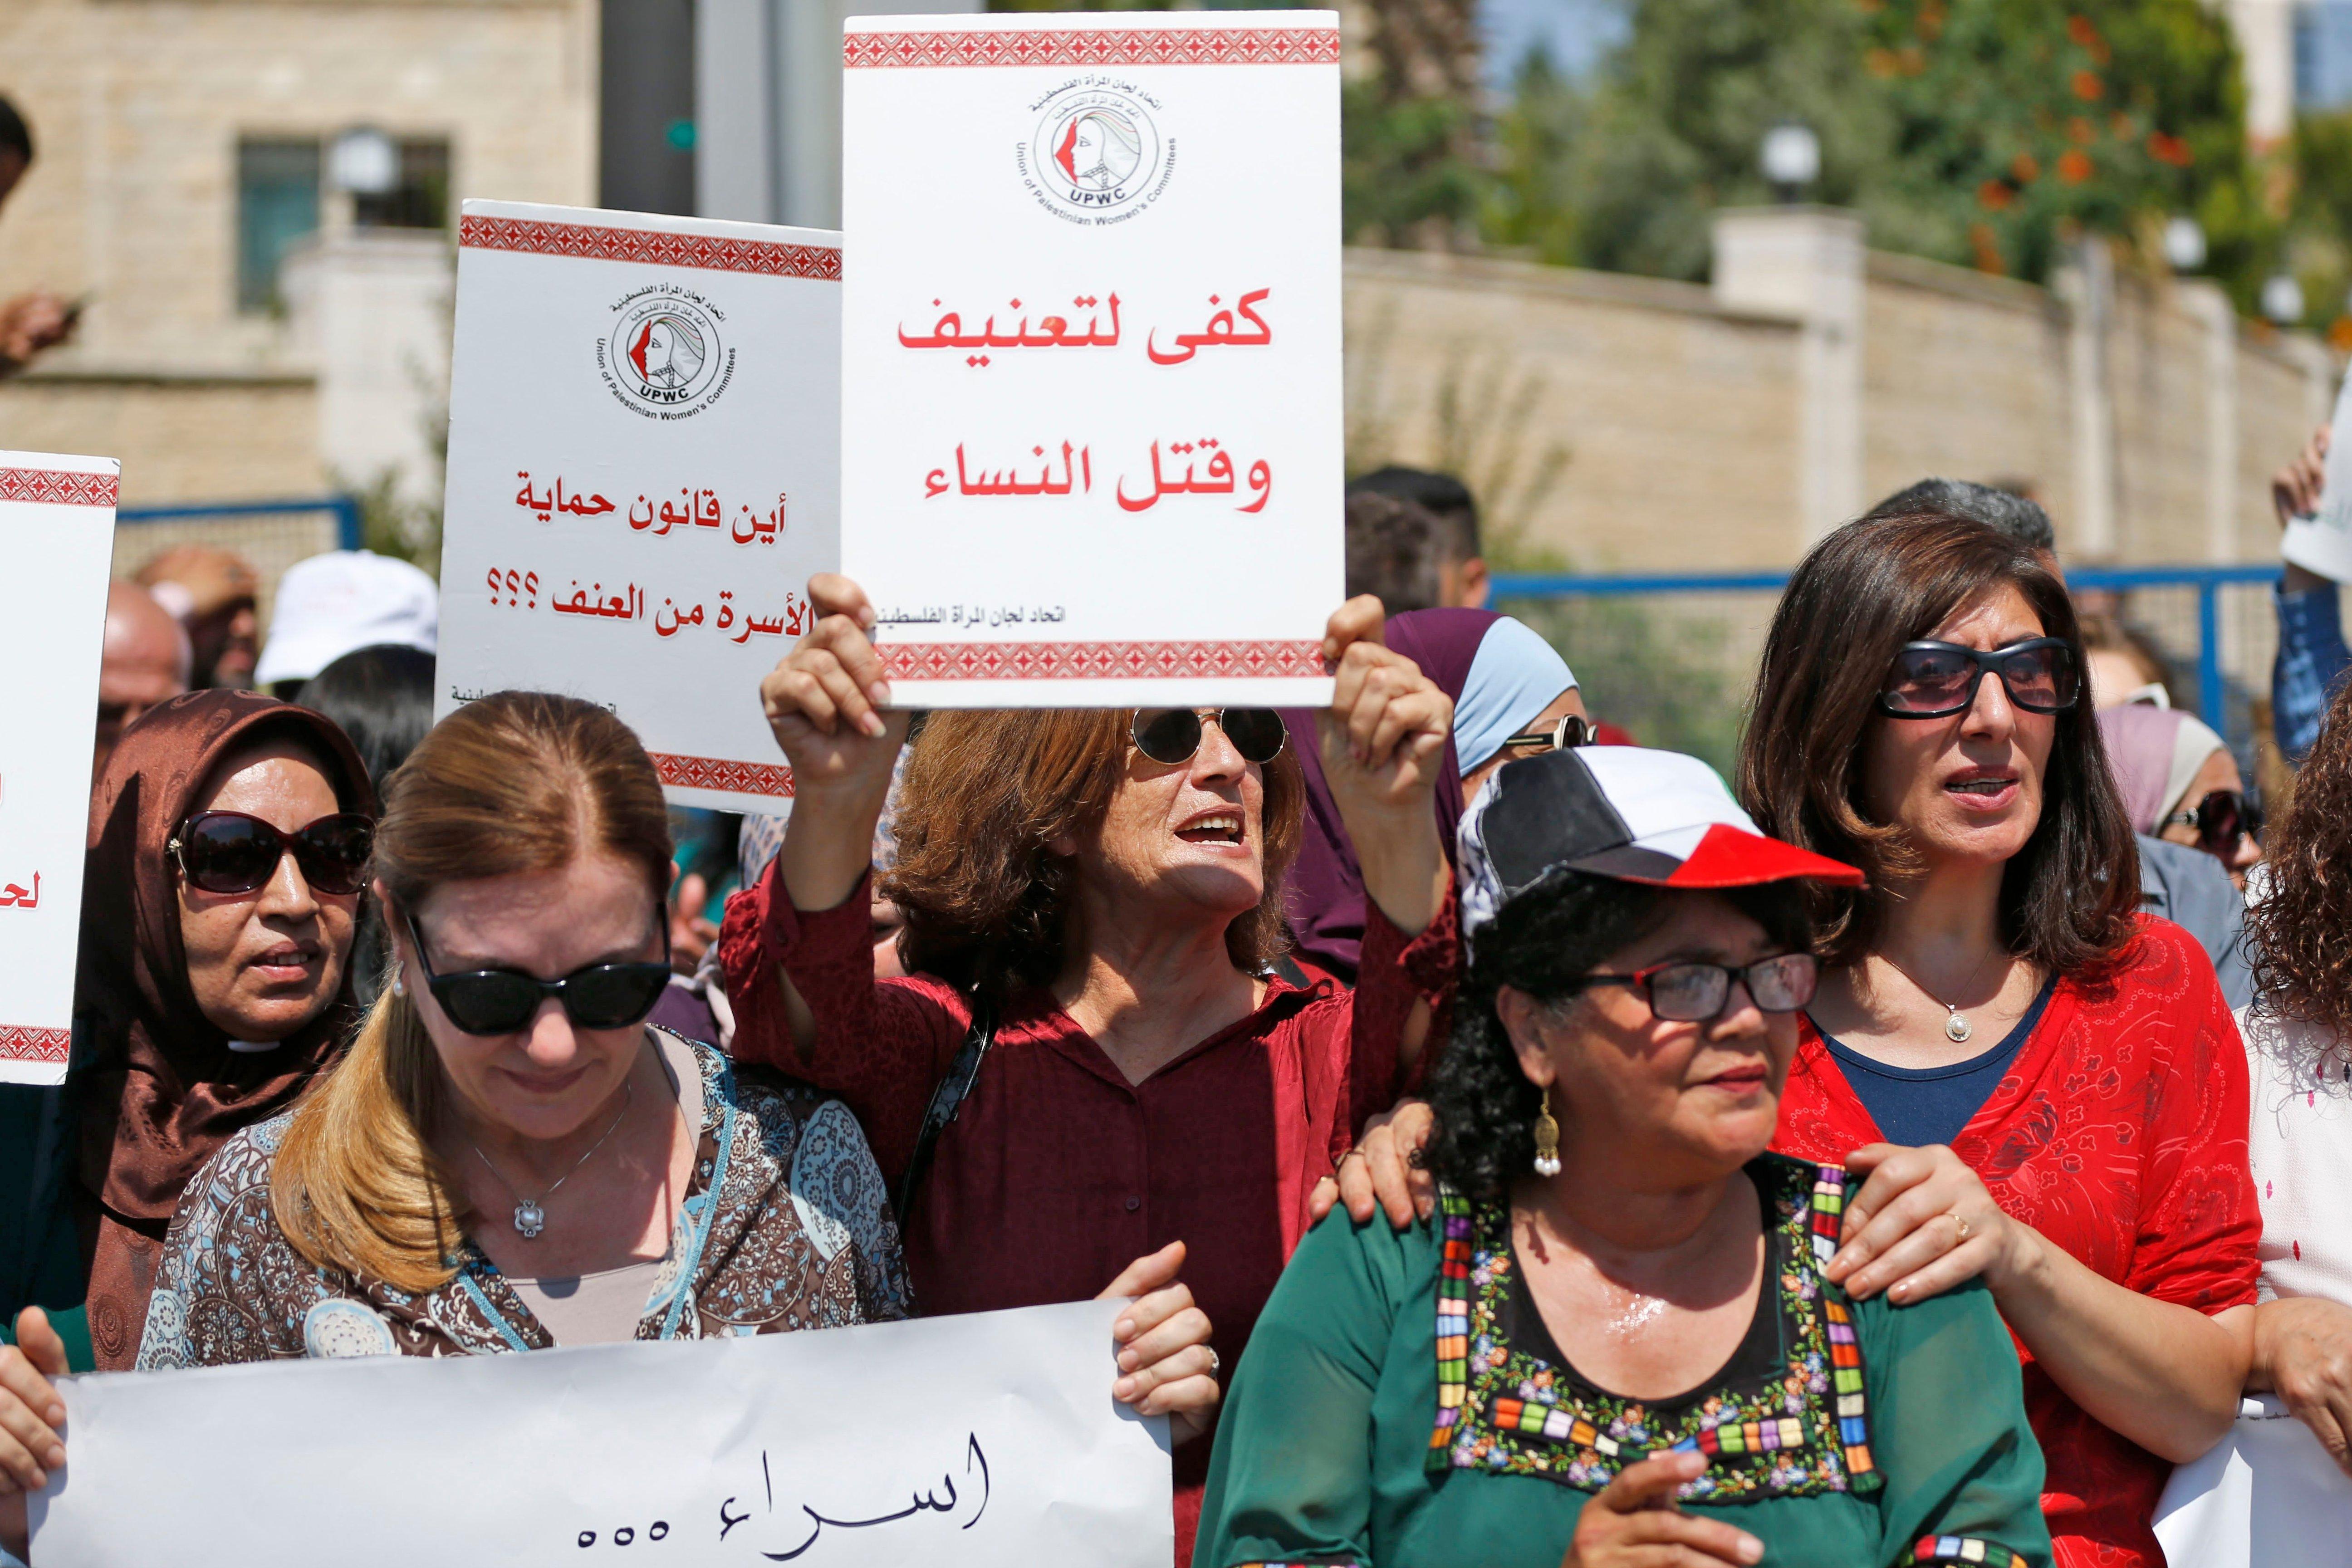 أثارت قضية مقتل إسراء غريب غضب الشارع الفلسطيني